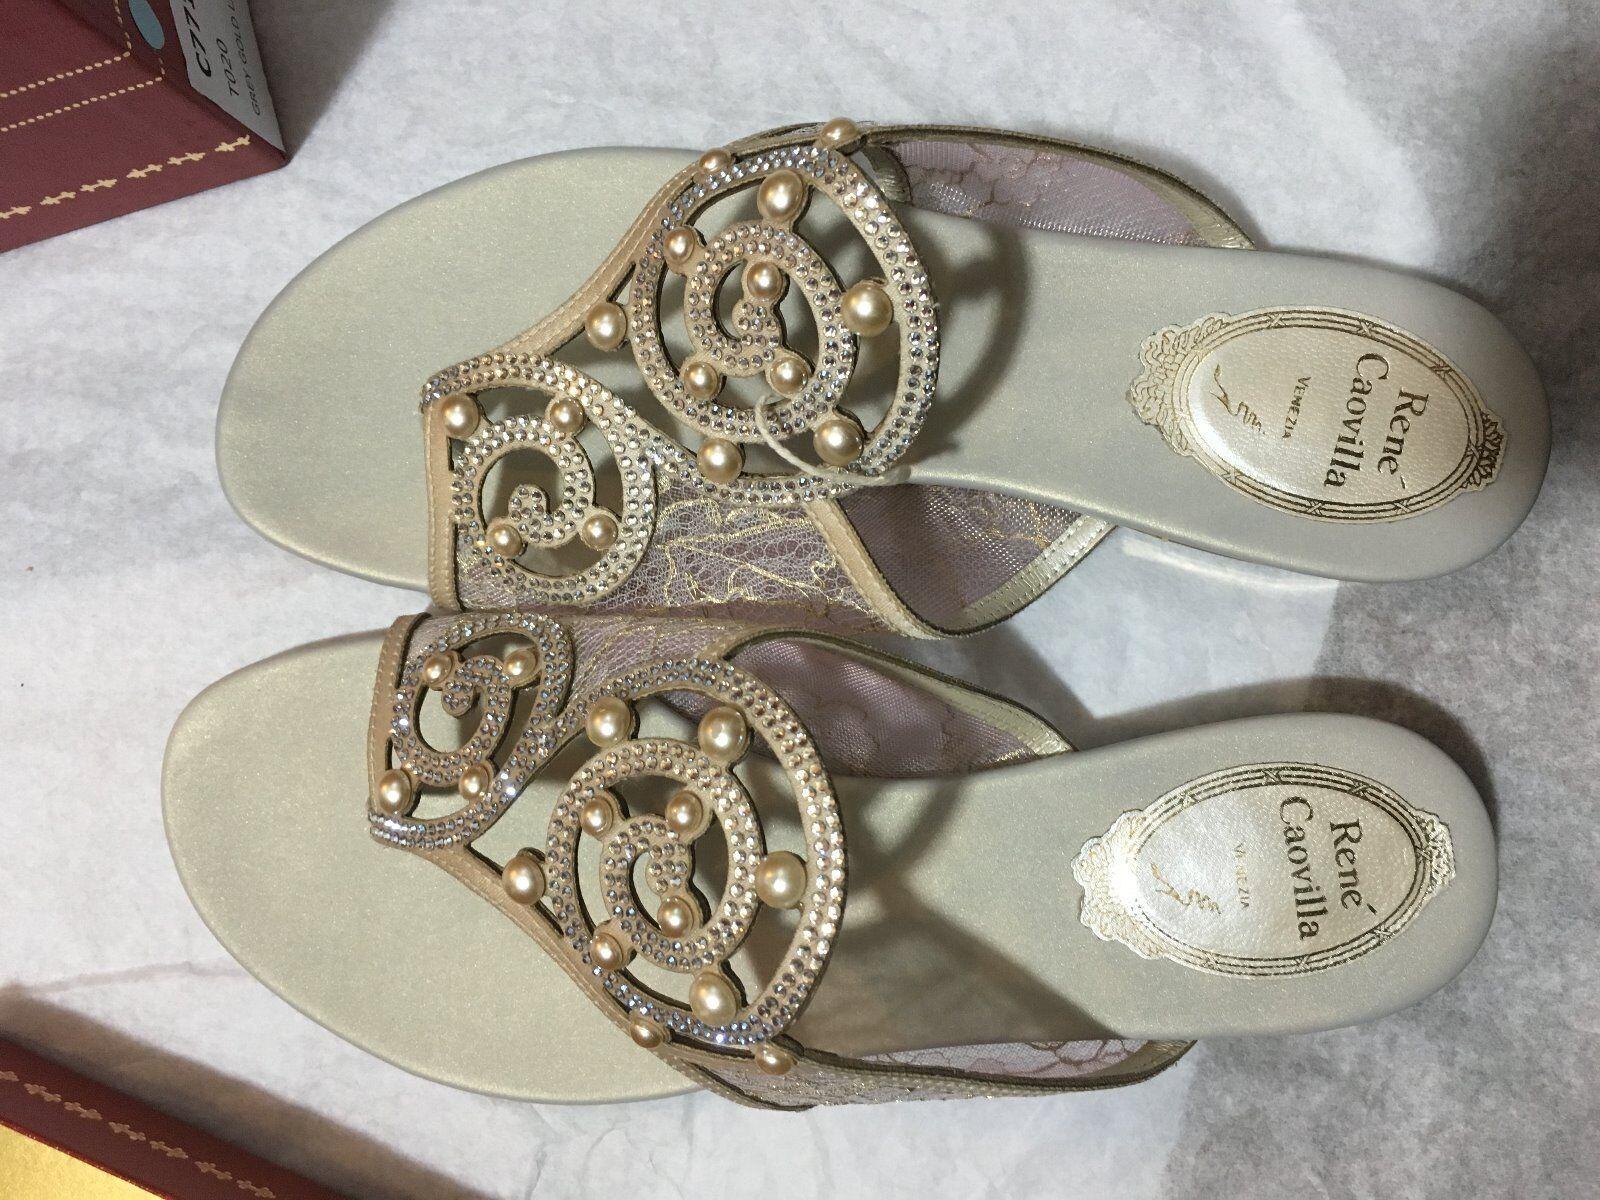 Rene Caovilla sandals flats formalwear wedding wear evening wear